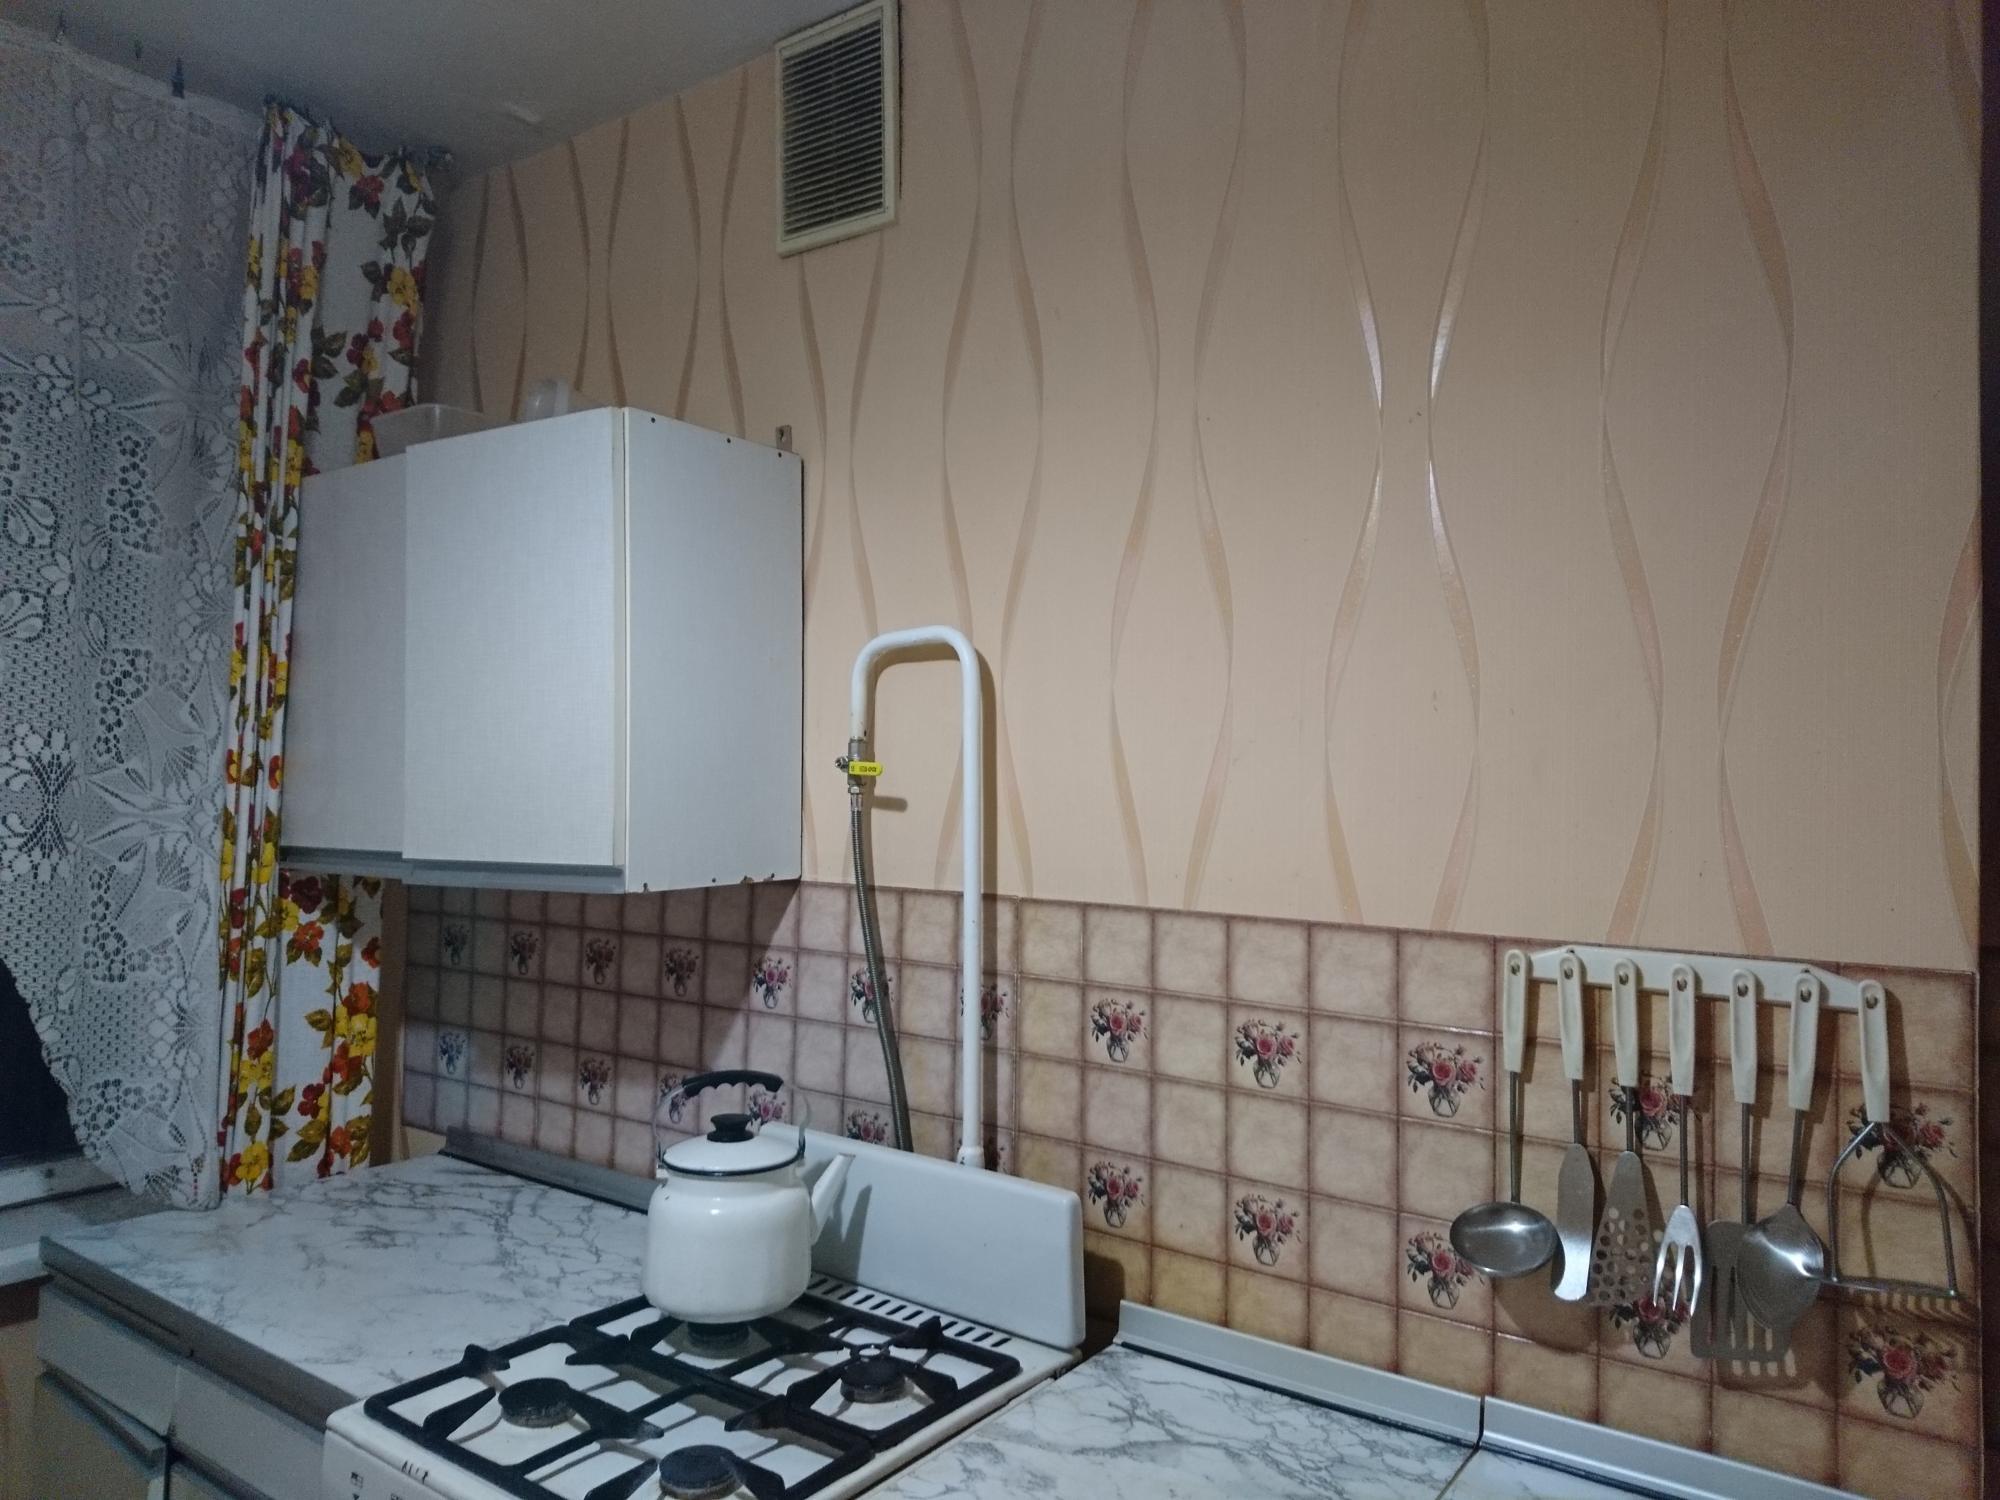 Квартира, 2 комнаты, 50 м² в Пушкино 89055552967 купить 7